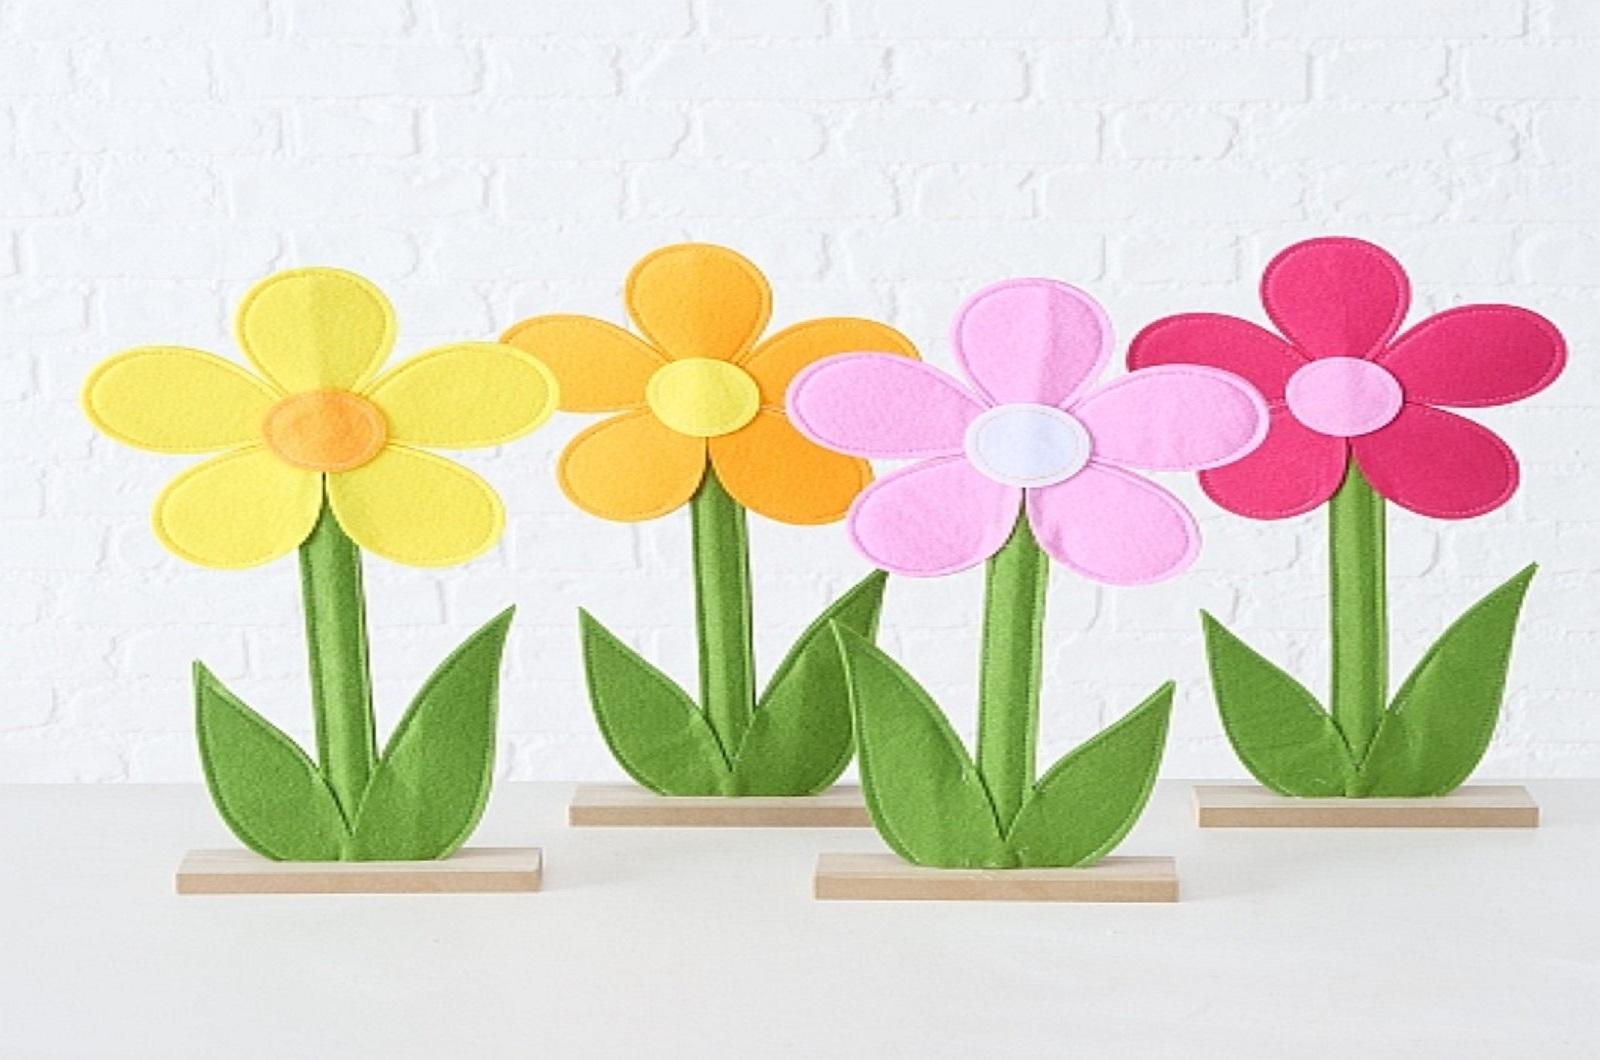 Blume Dekoaufsteller Larina 4 Ausfürungen Stückpreis